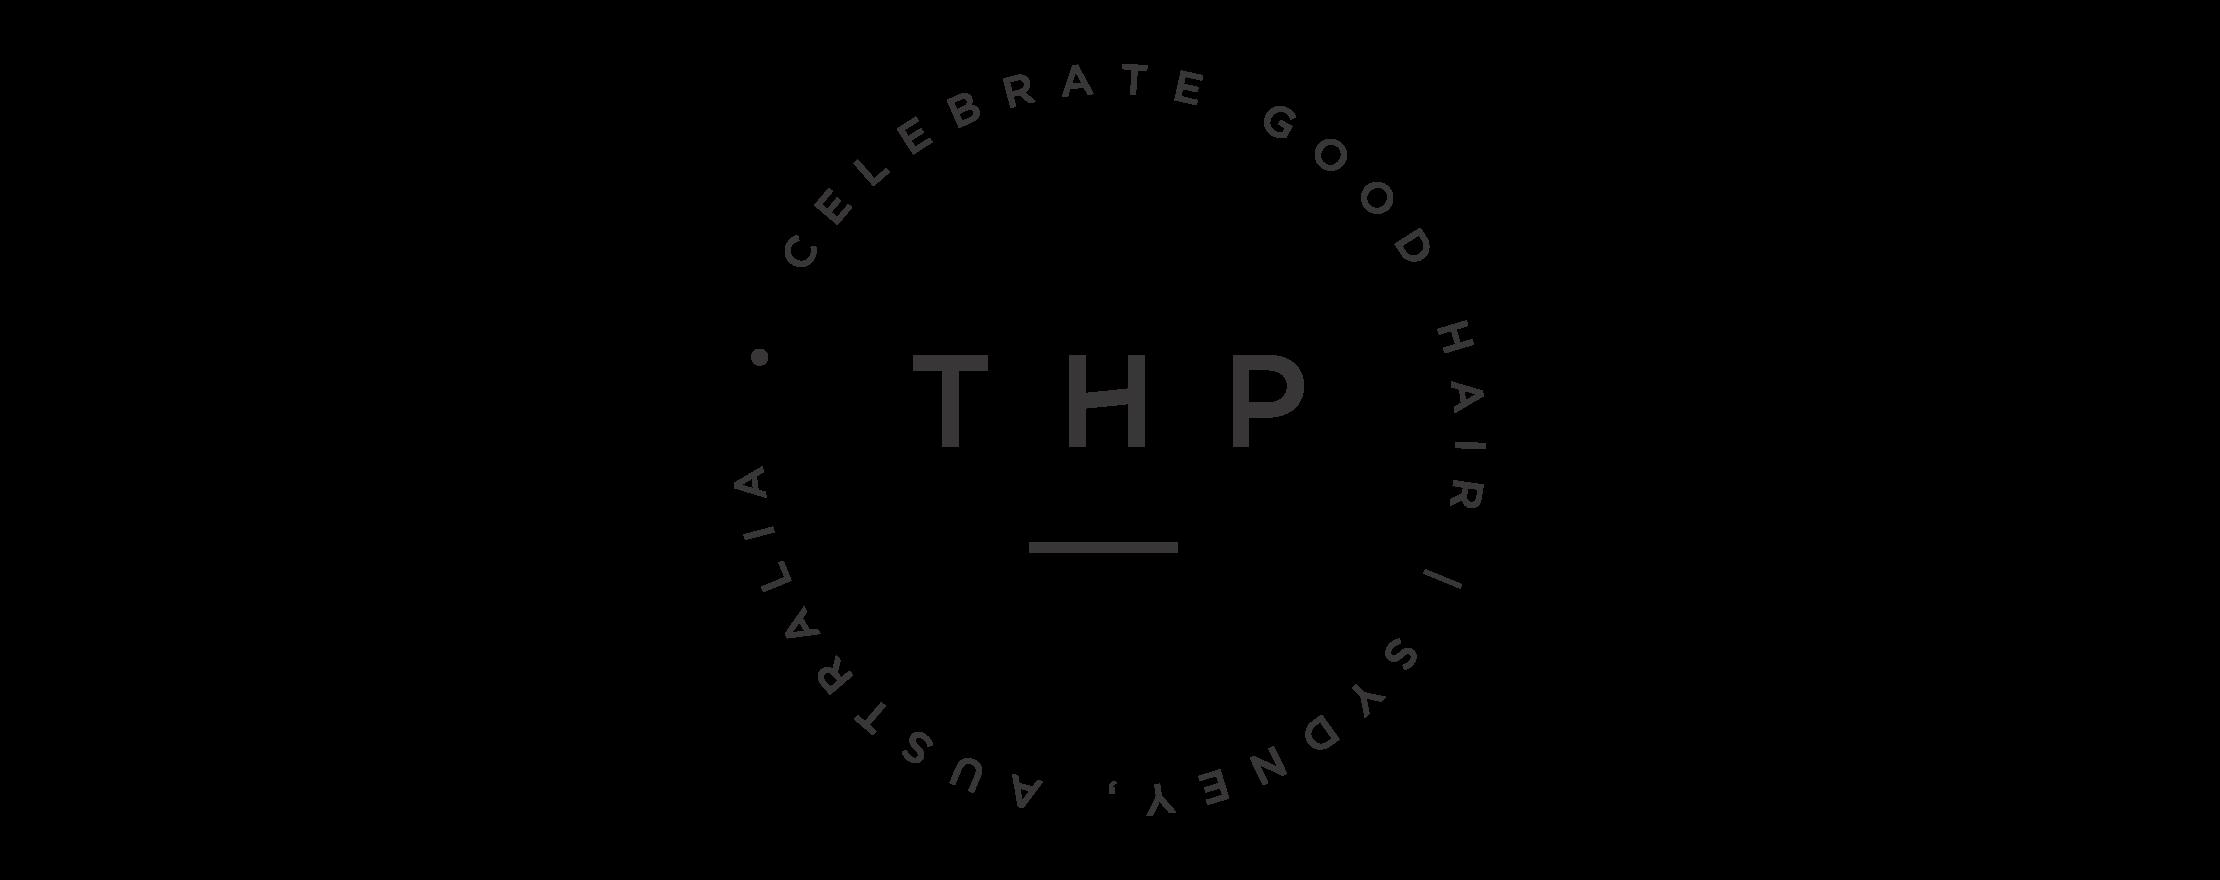 THP-CIRCLE.png